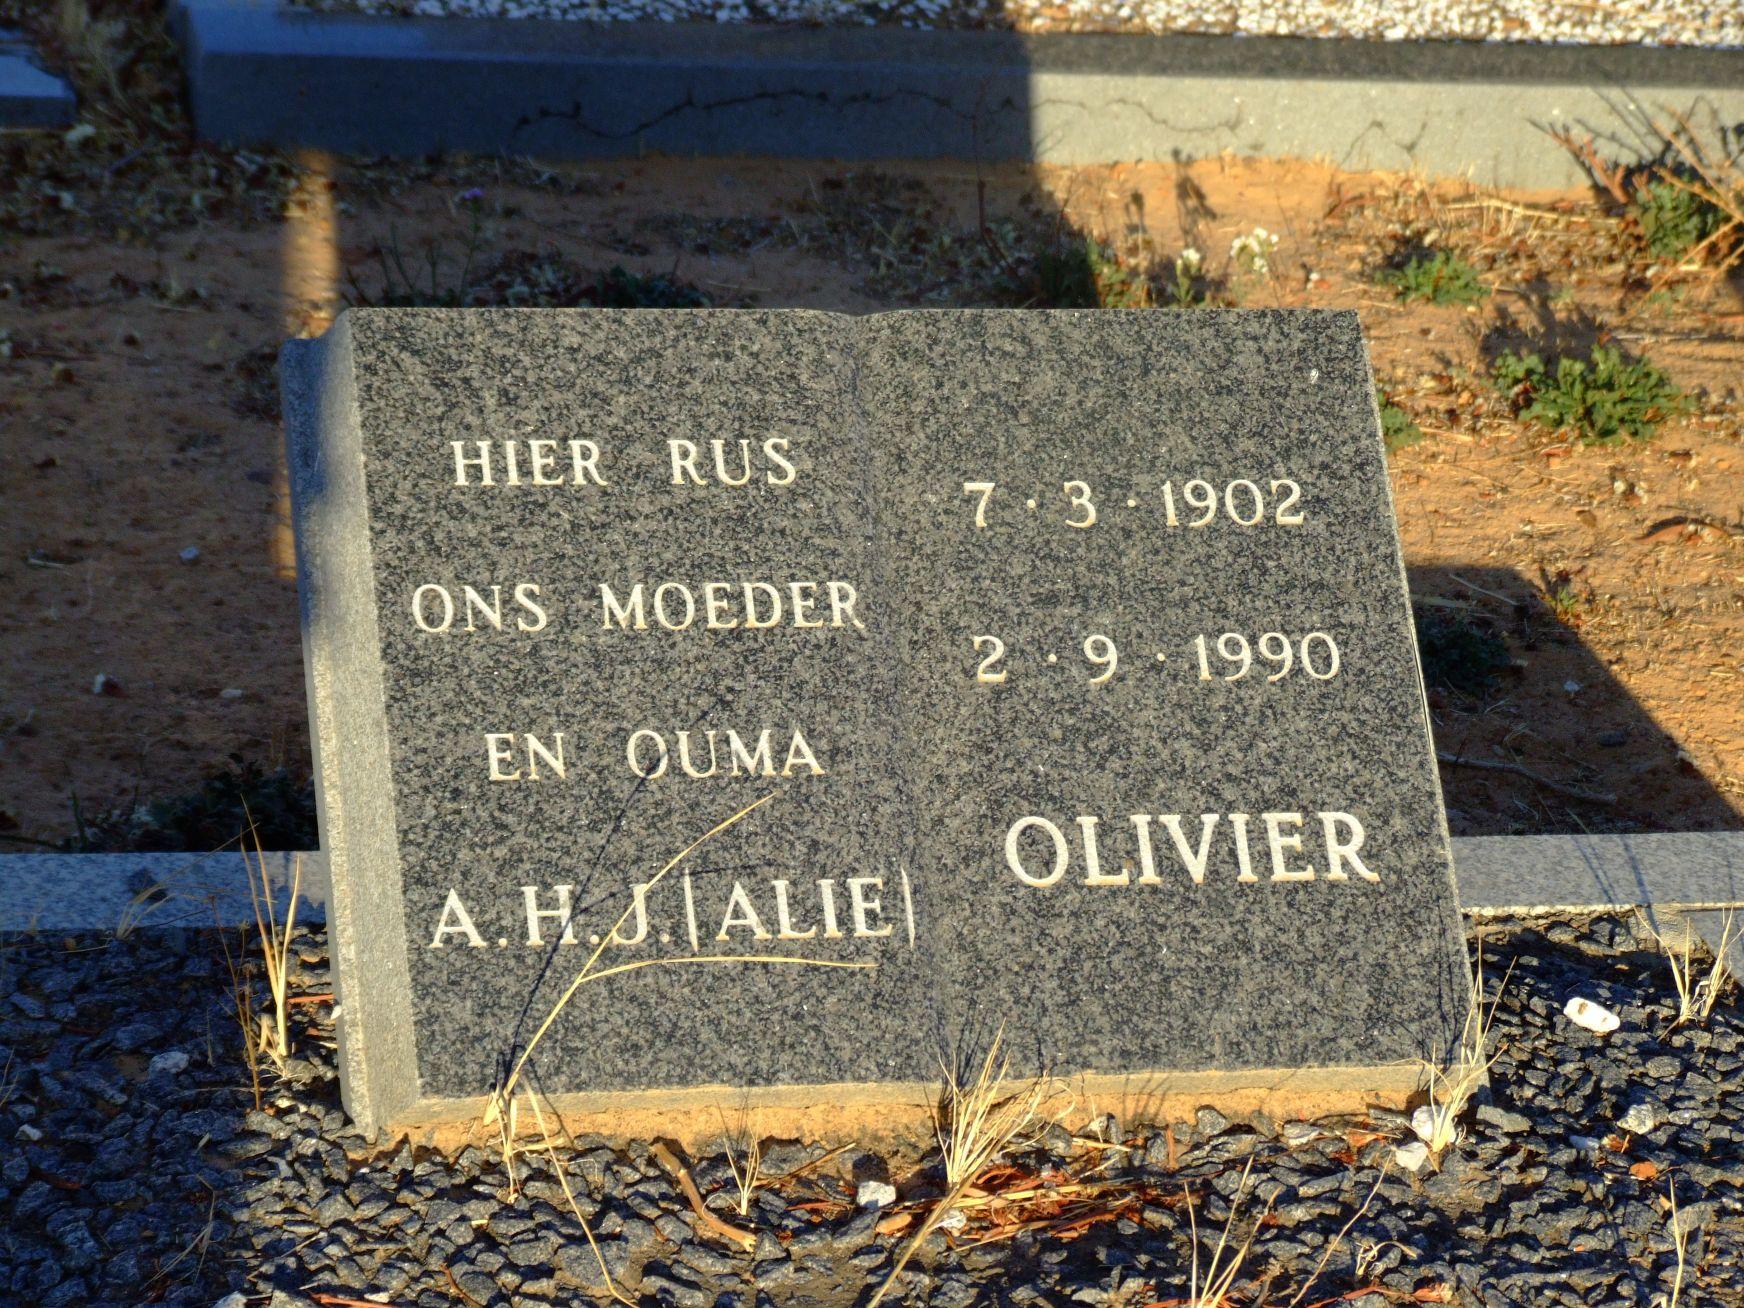 Olivier, A J H (Alie)